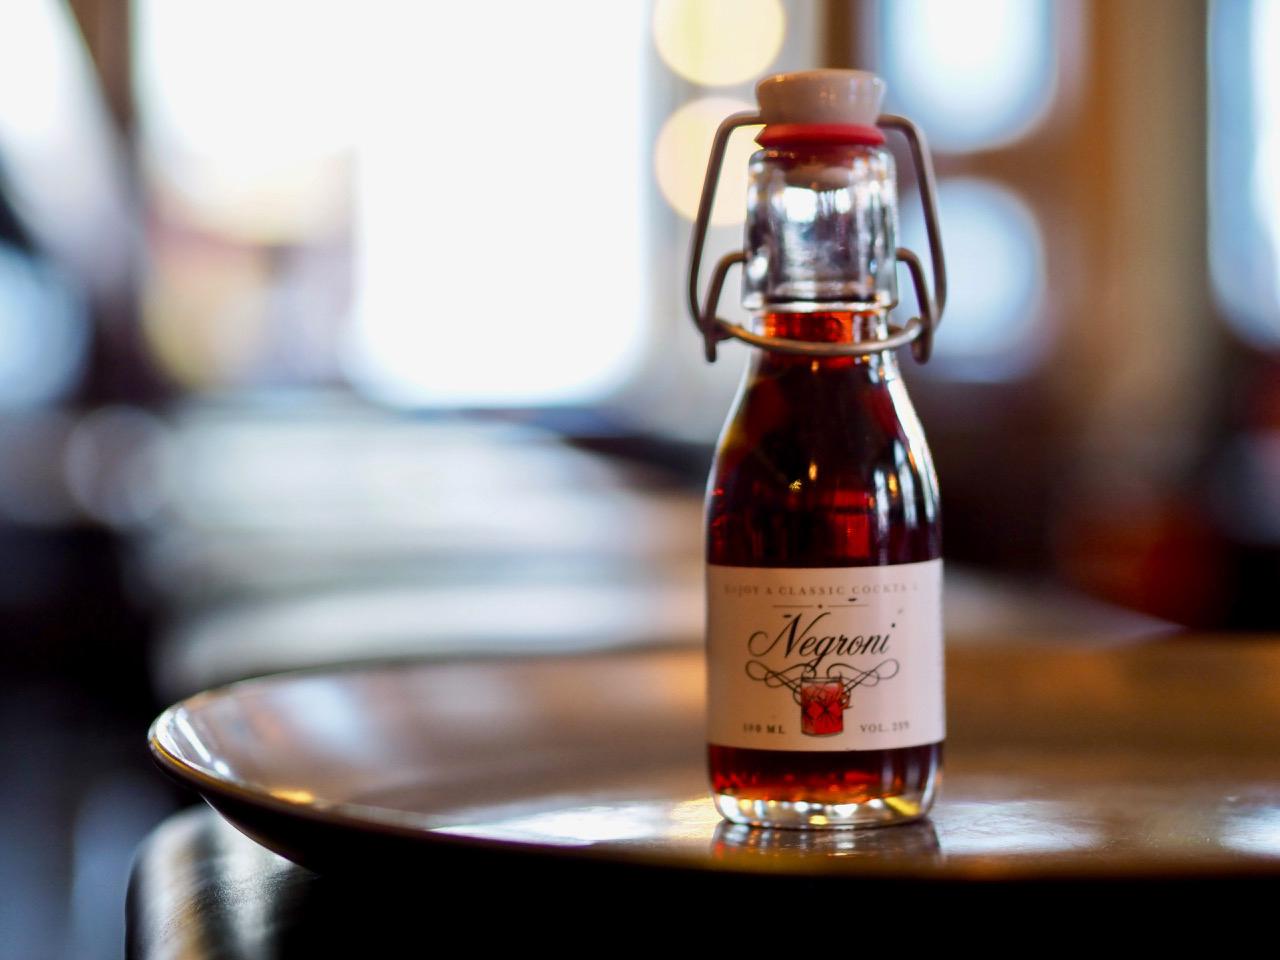 Negroni_Bar_Muenchen_Cocktailbar_Haidhausen_Franzosenviertel_Steakhaus_Italienisch_American_Sedanstr-9